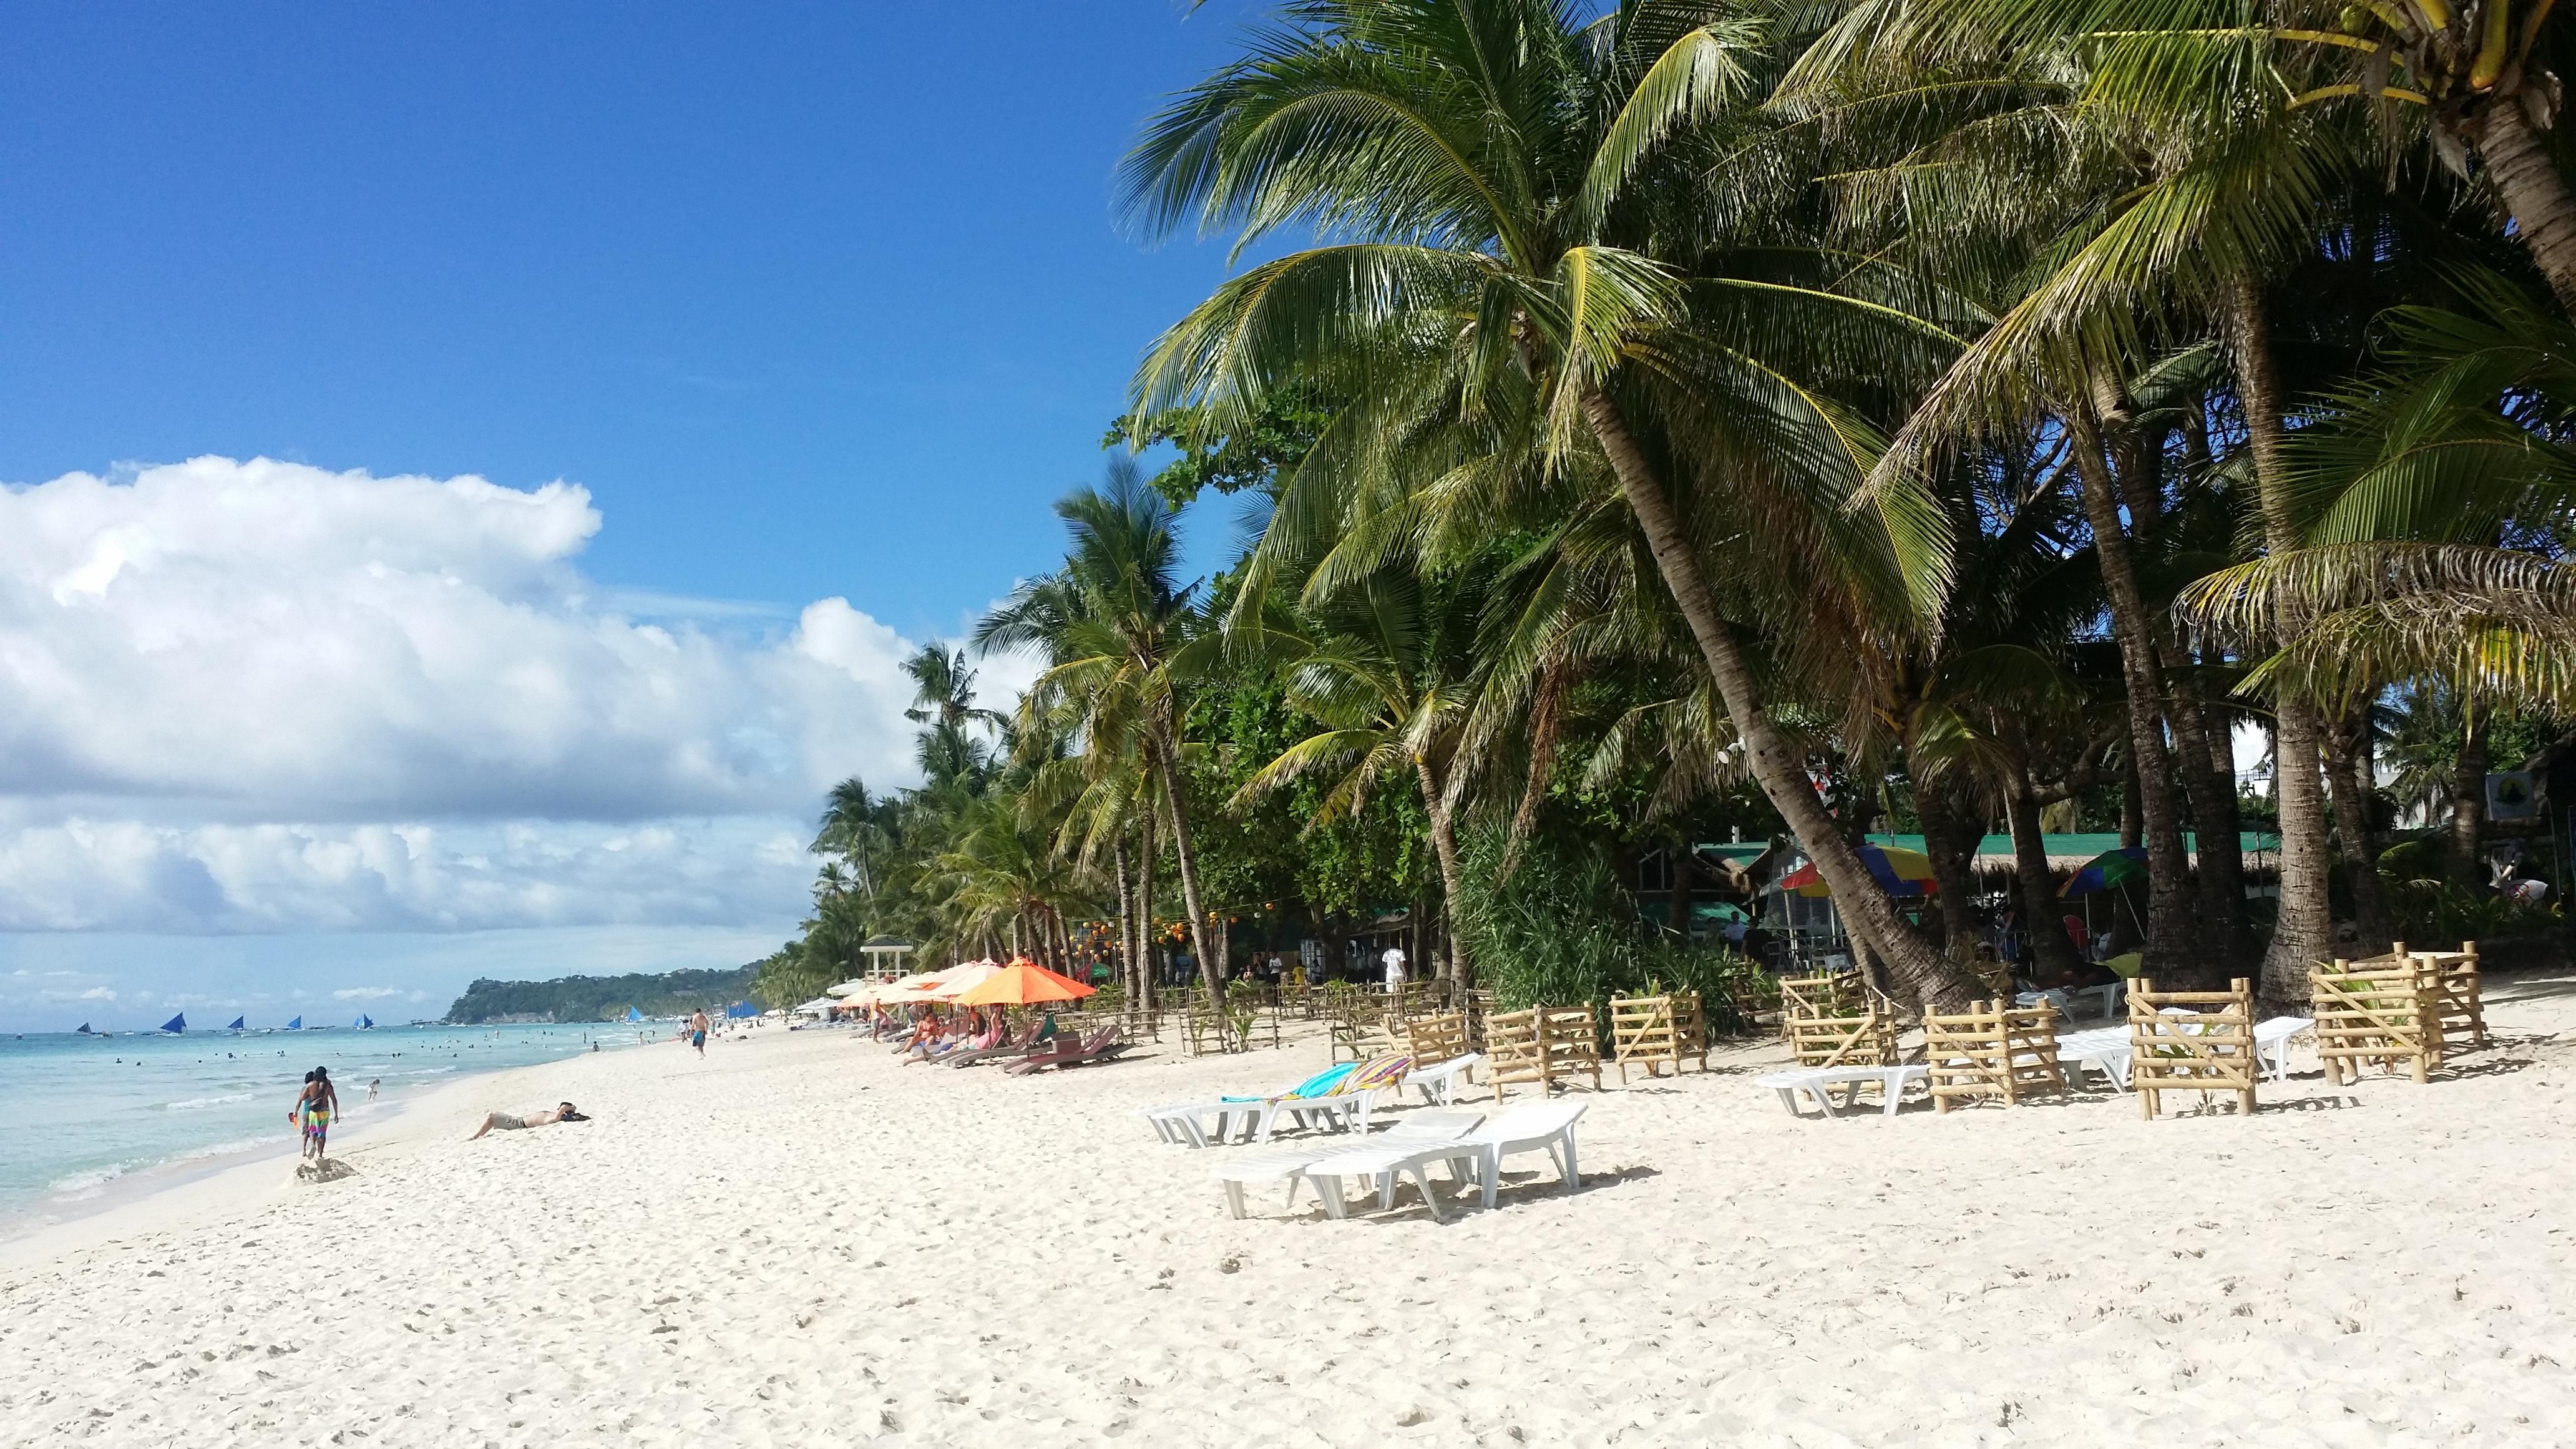 Kreuzfahrtschiffe mit mehr als 2.000 Passagieren dürfen Boracay nicht mehr anlaufen. In der Hochsaison dürfen bis auf Weiteres keine Liner mehr an der unter Overtourism leidenden philippinische Insel anlegen. Die aktuelle Sperre dauert bis 31. Mai.